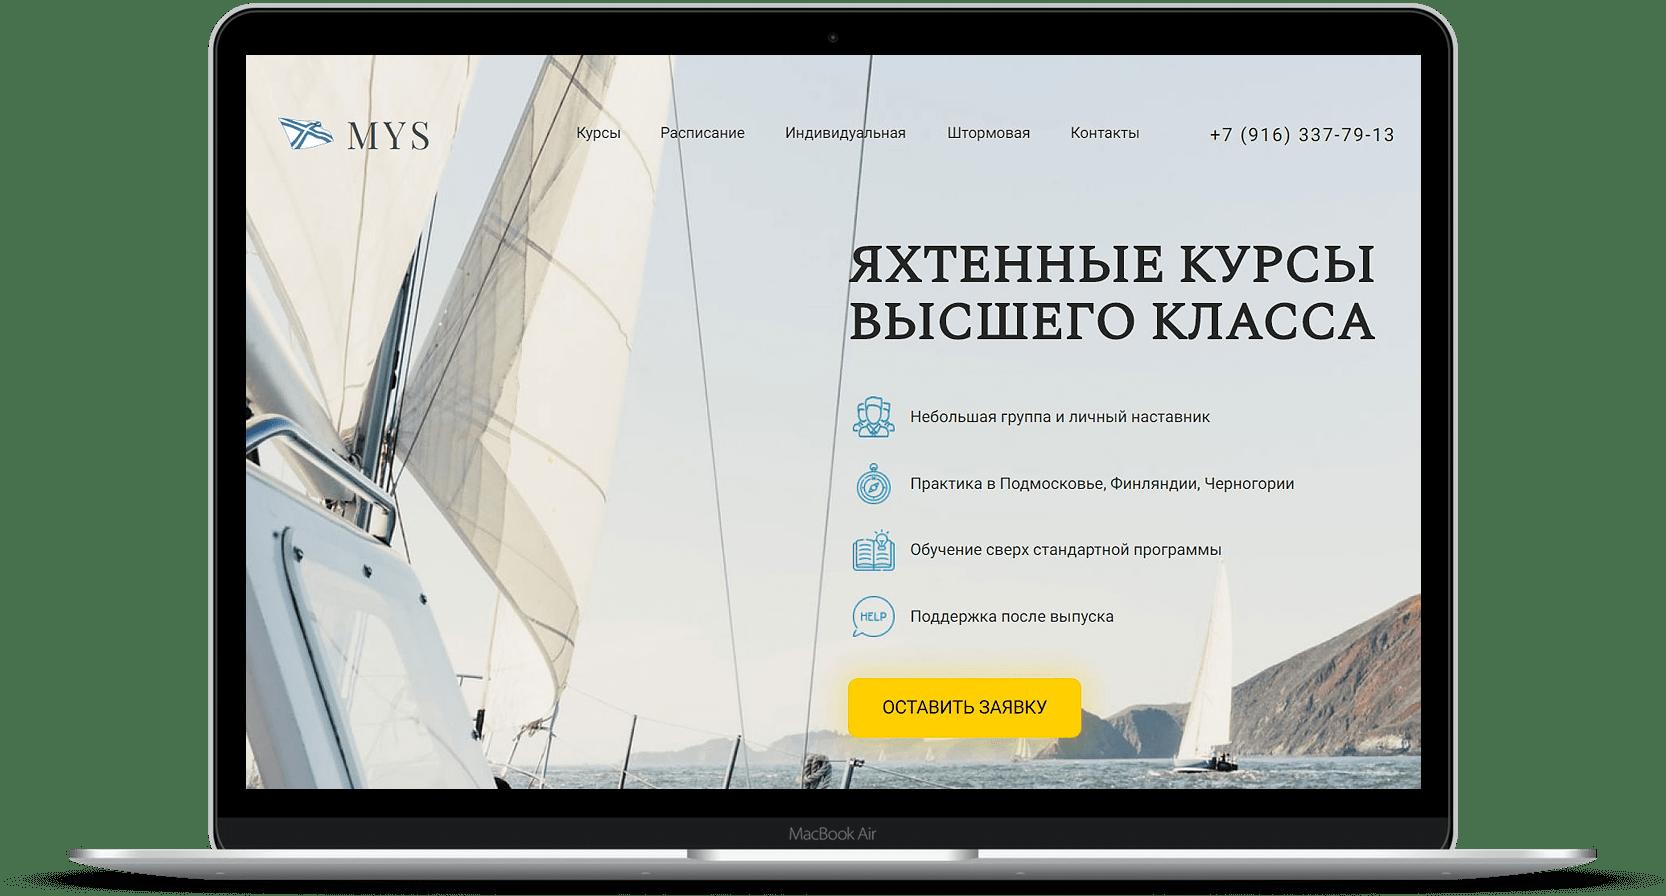 Сайт по курсам обучения плавания на яхте